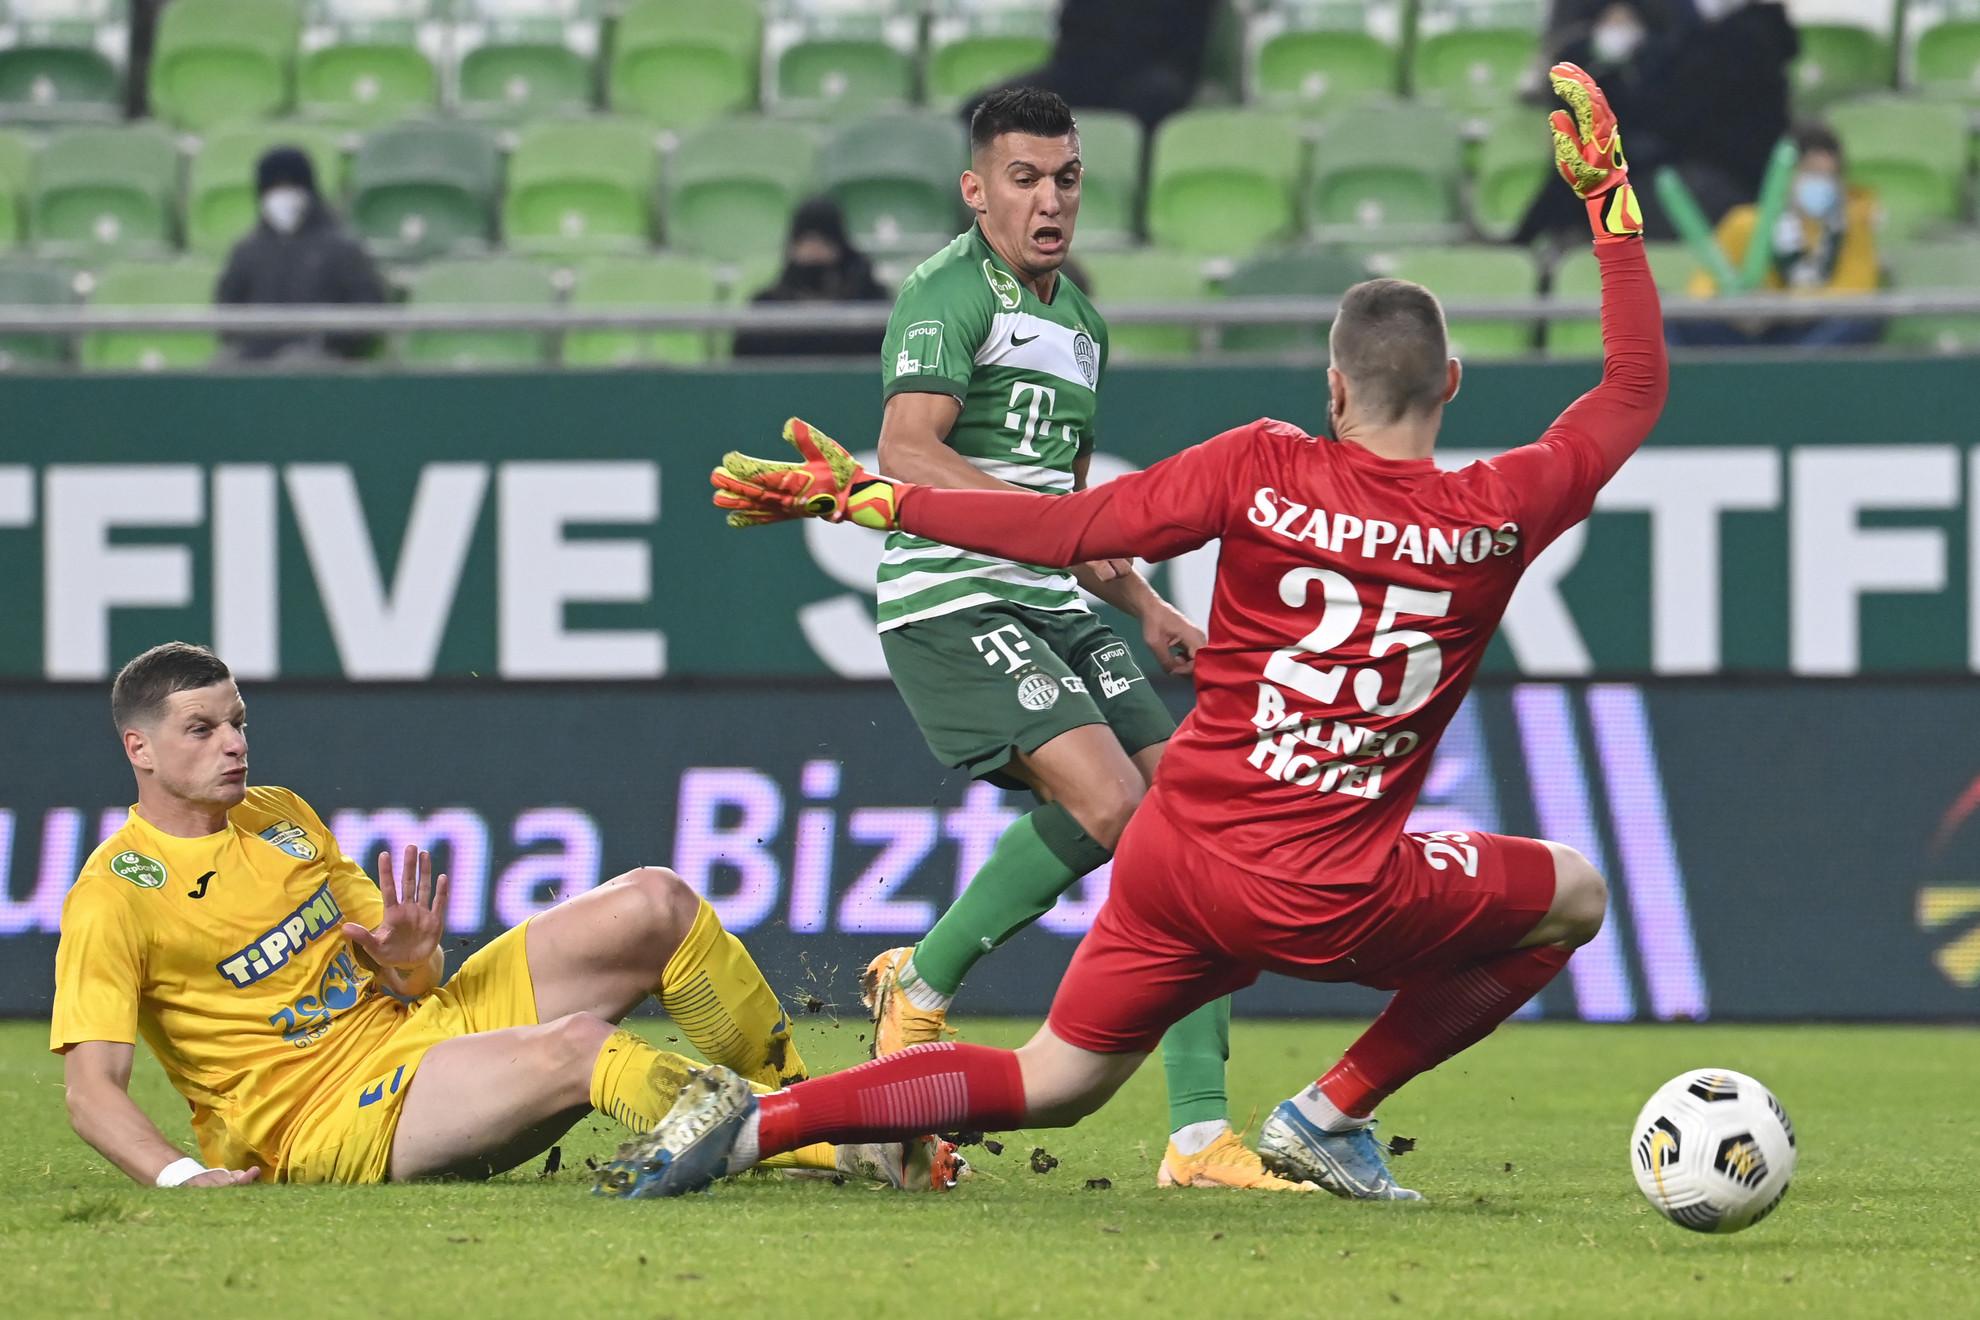 A ferencvárosi Myrto Uzuni (k) gólt lő, mellette a mezőkövesdi  Jurij Nesterov (b) és Szappanos Péter az OTP Bank Liga 10. fordulójában játszott Ferencvárosi TC - Mezőkövesd Zsóry FC labdarúgó-mérkőzésen a fővárosi Groupama Arénában 2020. november 8-án